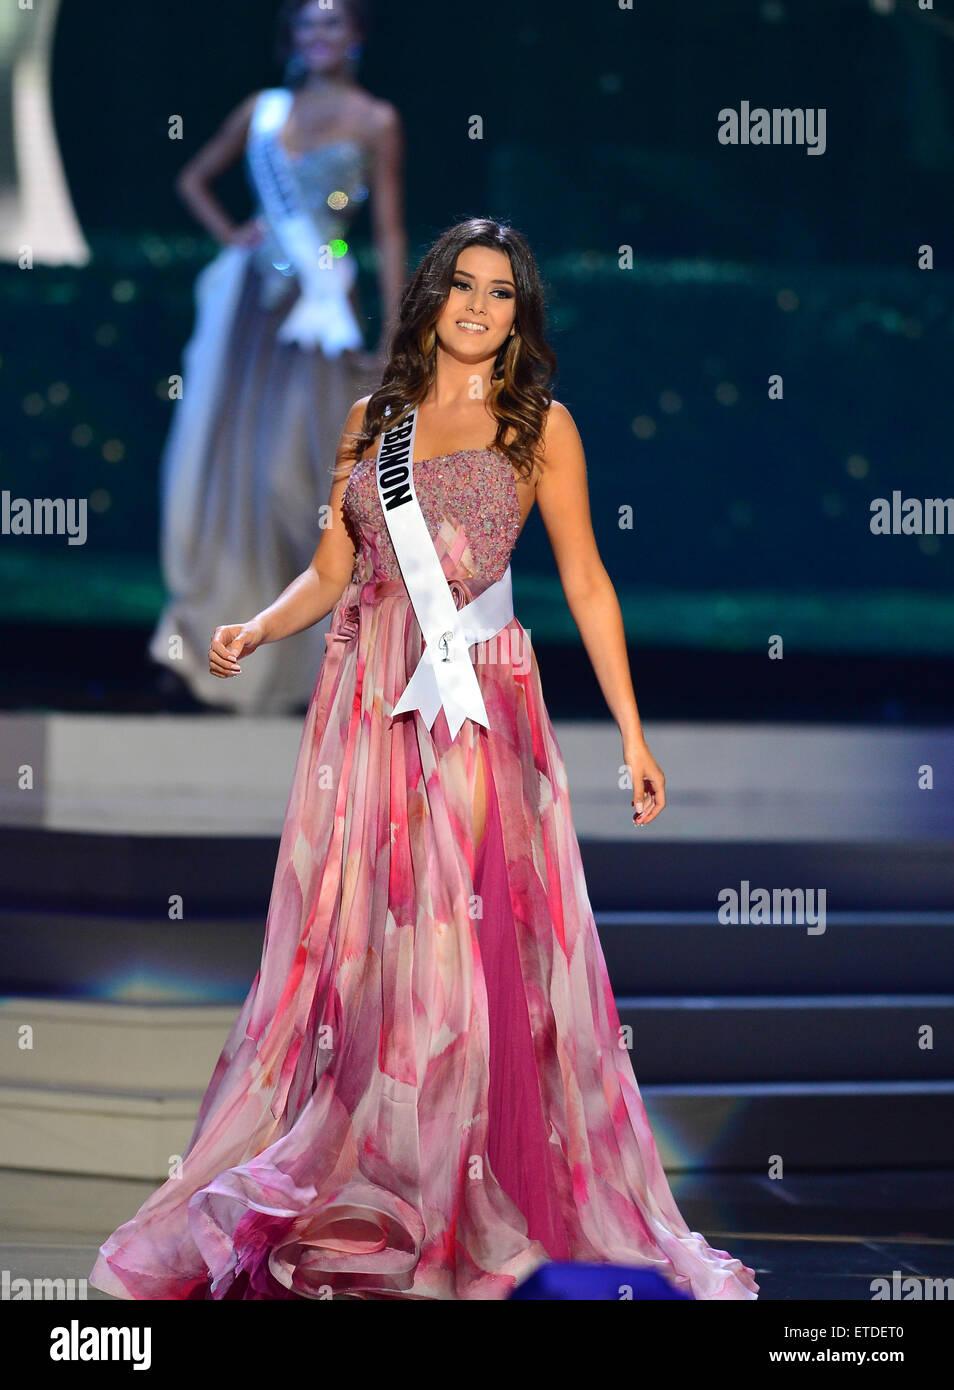 Atractivo Vestido De Fiesta Miami Galería - Colección de Vestidos de ...